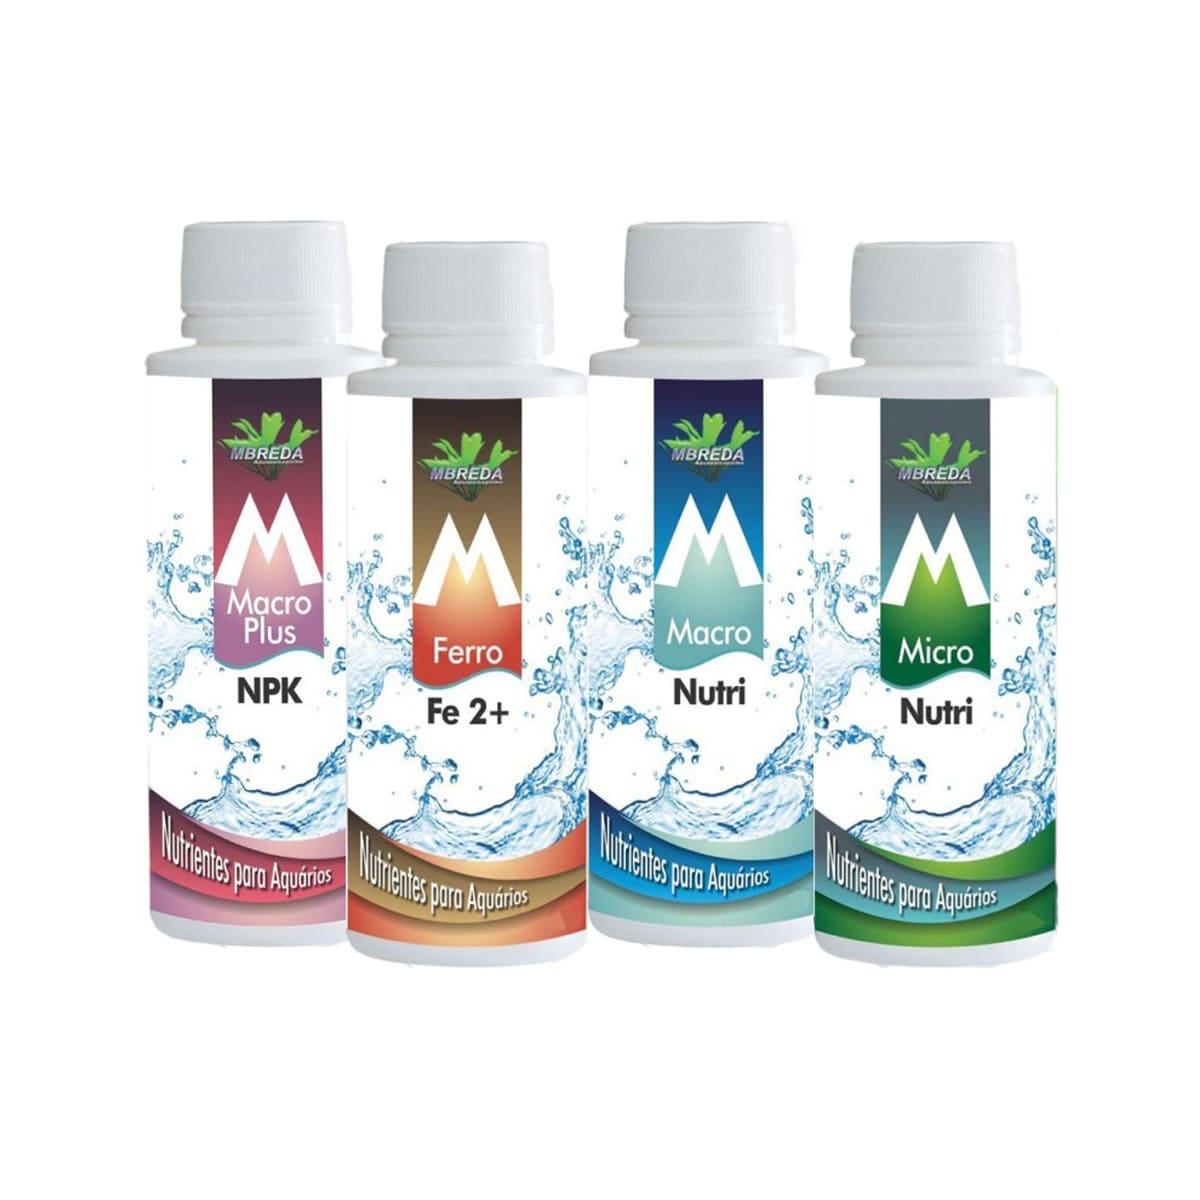 Kit Fertilizantes para Aquários Plantados  Mbreda - 120ml